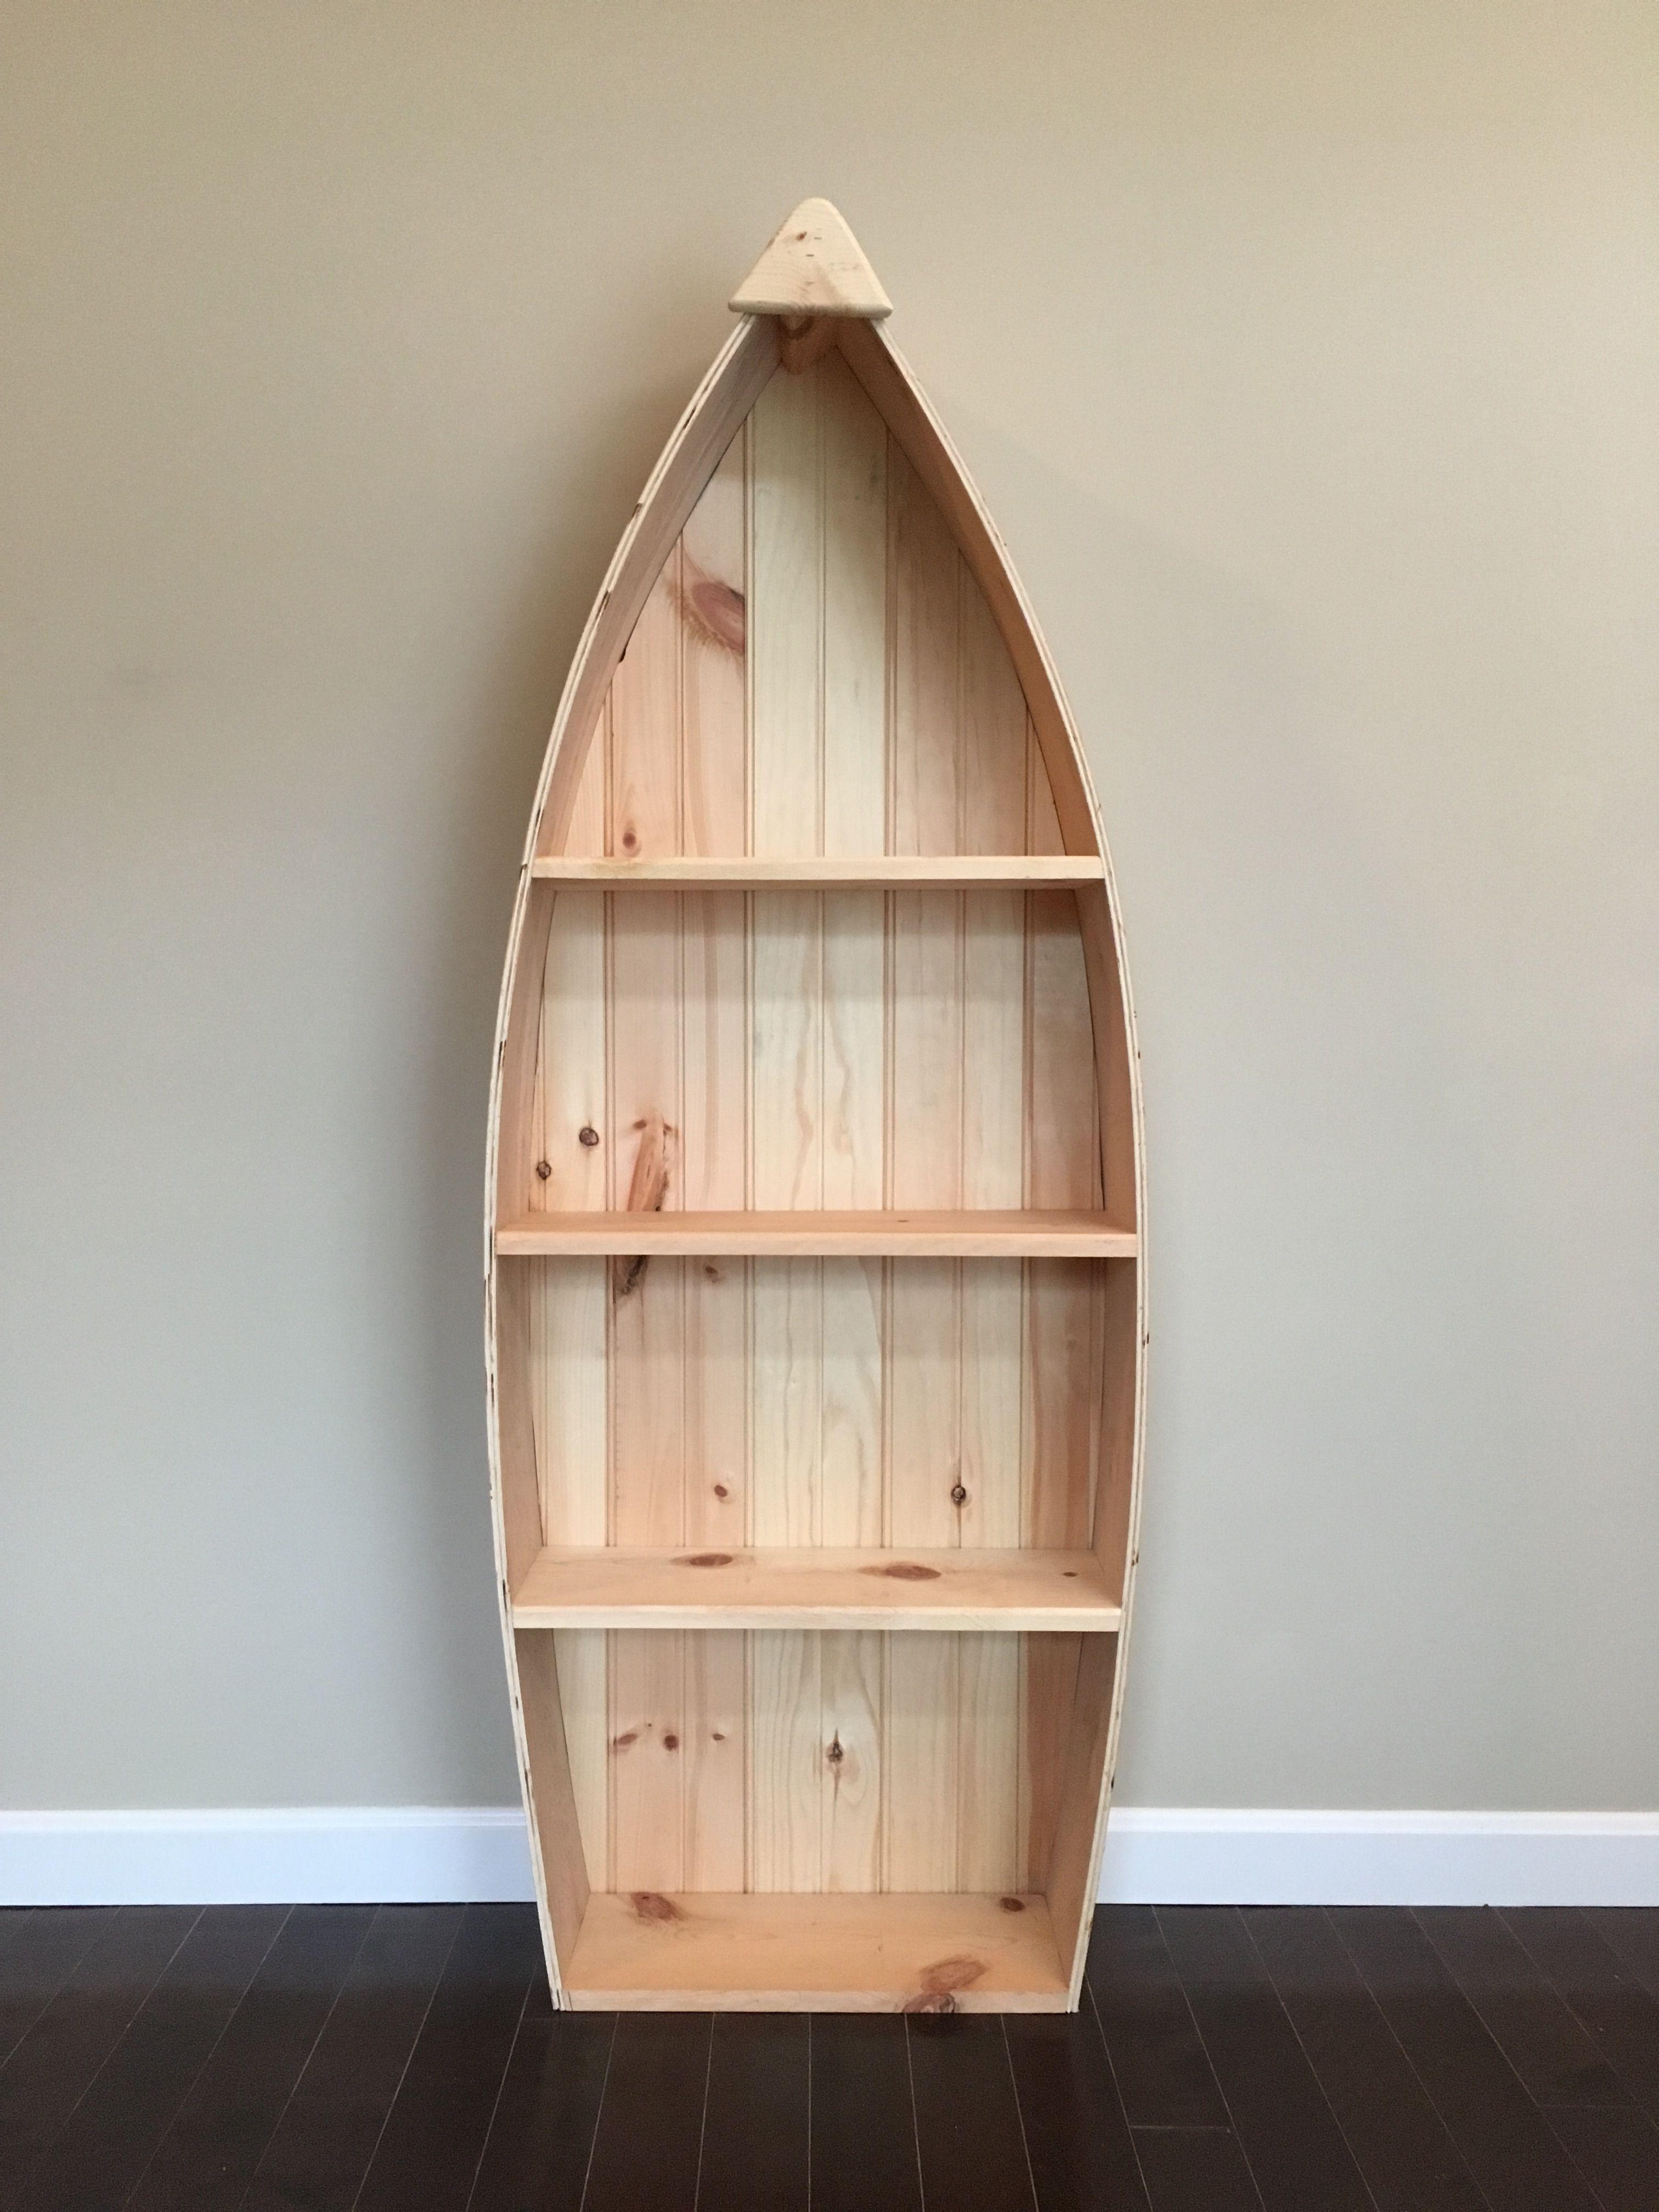 Boat Bookshelf Boat Shelf Decor Boat Furniture Log Cabin Decor